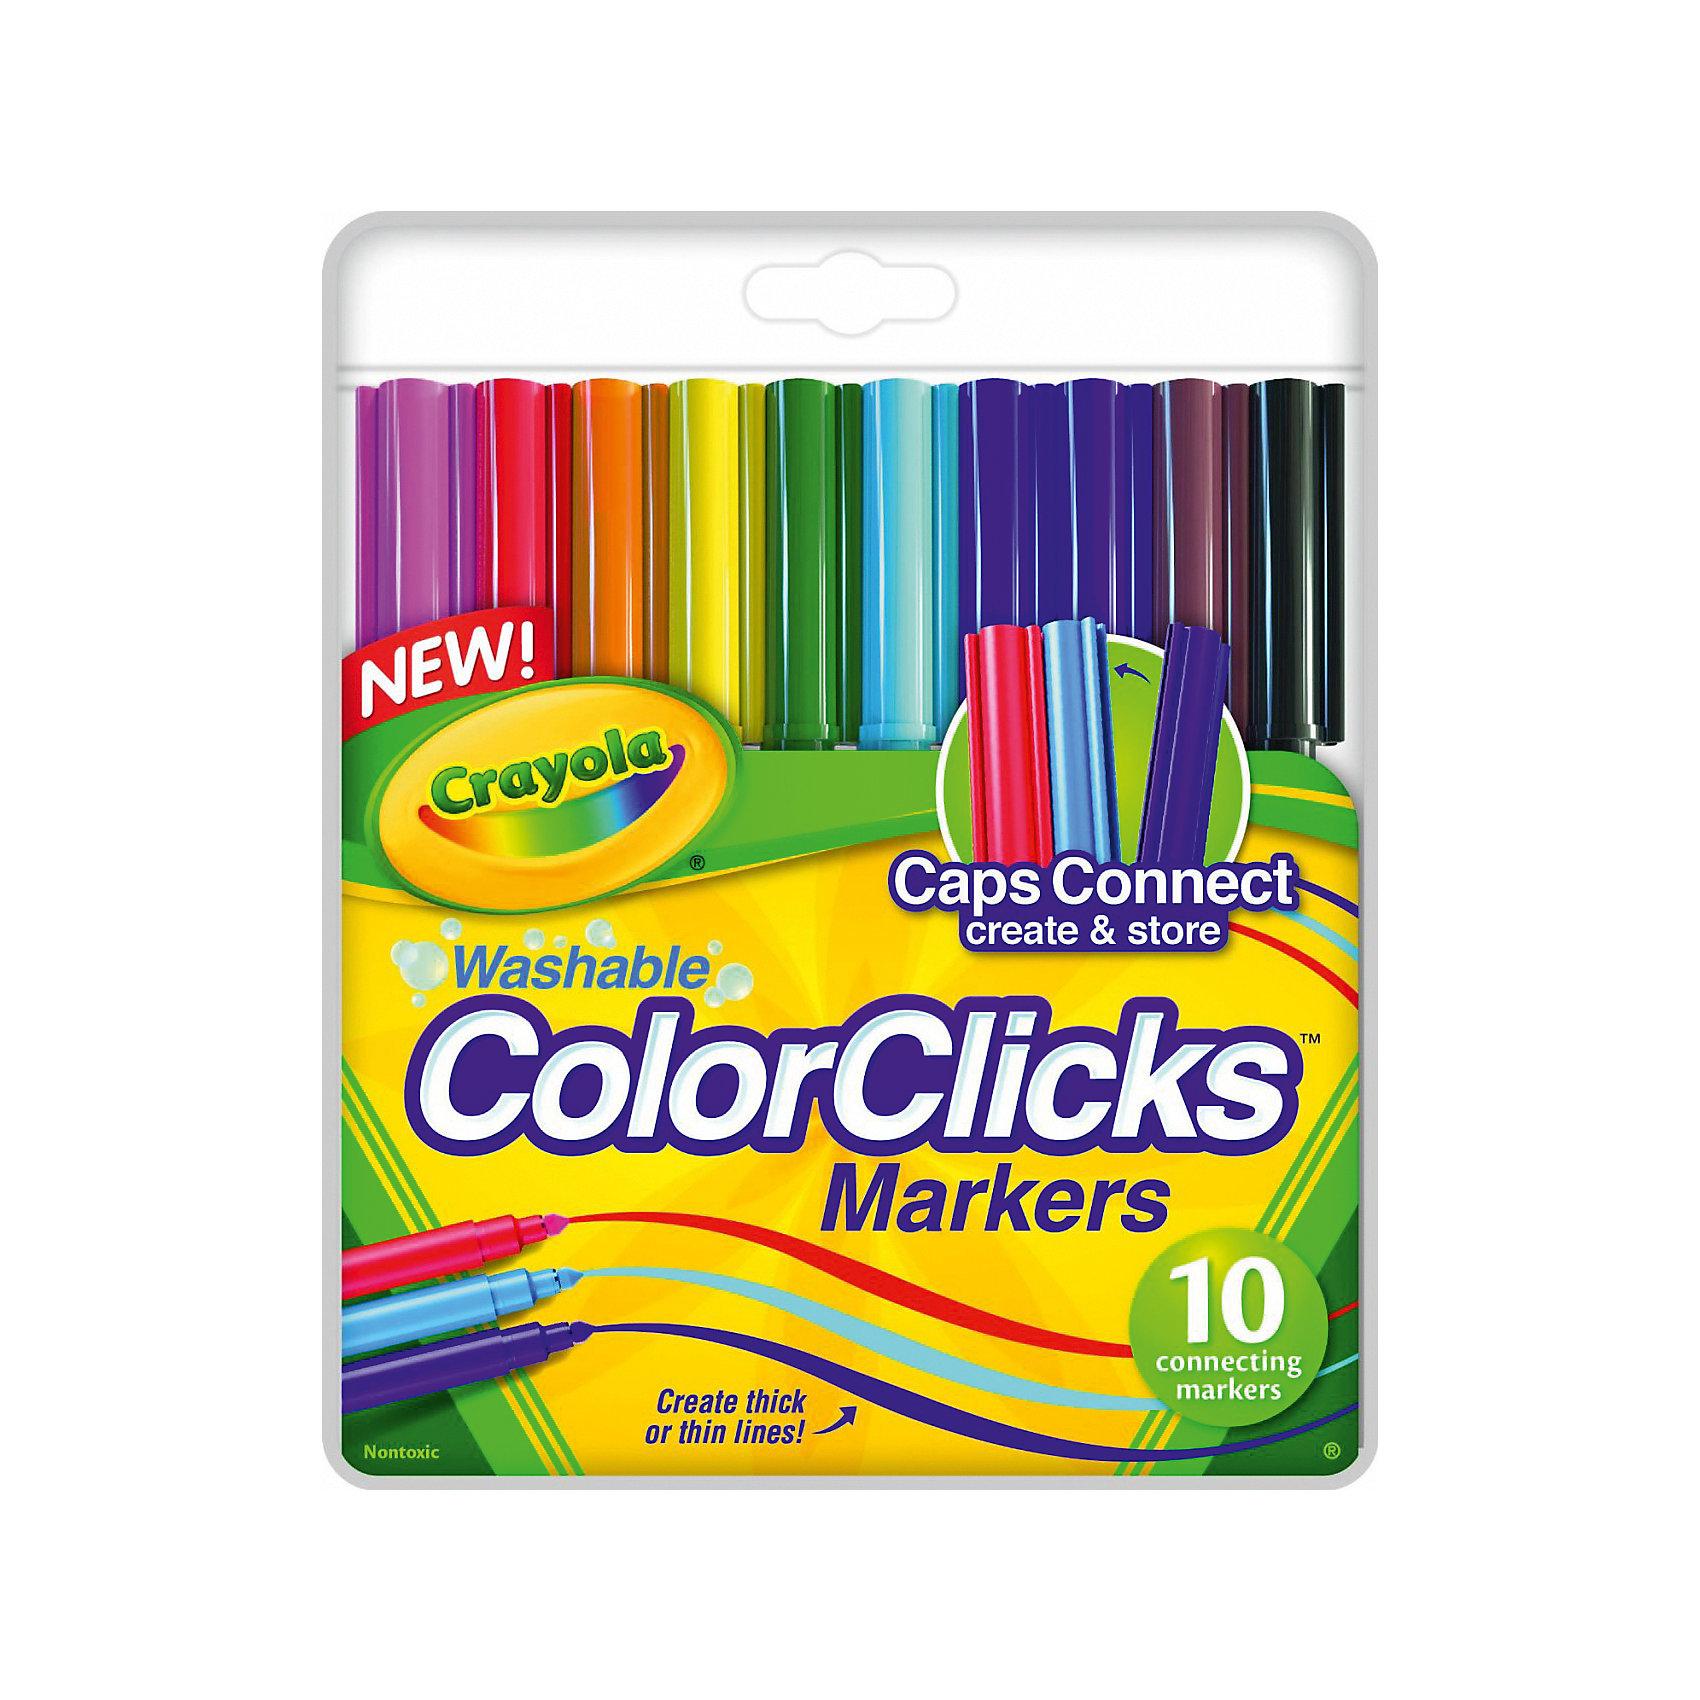 10 соединяющихся фломастеровПисьменные принадлежности<br>Разноцветные фломастеры Crayola помогут в создании собственного волшебного мира на бумаге и смогут воплотить детские творческие фантазии. Их удобно держать в руке, они хорошо ложатся на бумажную поверхность и рисуют тонкими линиями, позволяя сделать изображение реалистичным и аккуратным. <br><br>В наборе 10 роскошных цветов и оттенков: все цвета радуги, а также черный, темно-коричневый и розовый фломастеры. Особенность этого набора для юного художника состоит в том, что колпачки фломастеров могут соединяться друг с другом, образуя надежный крепеж. Таким образом, если малыш возьмет фломастеры с собой на прогулку, в школу или в гости, он не потеряет ни один из пишущих предметов. И сможет создавать рисунки в любом месте!<br><br>Материалы, из которого сделаны фломастеры, качественны и безопасны для детей.<br><br>10 соединяющихся фломастеров можно купить в нашем магазине.<br><br>Ширина мм: 215<br>Глубина мм: 150<br>Высота мм: 80<br>Вес г: 108<br>Возраст от месяцев: 72<br>Возраст до месяцев: 168<br>Пол: Унисекс<br>Возраст: Детский<br>SKU: 4666934